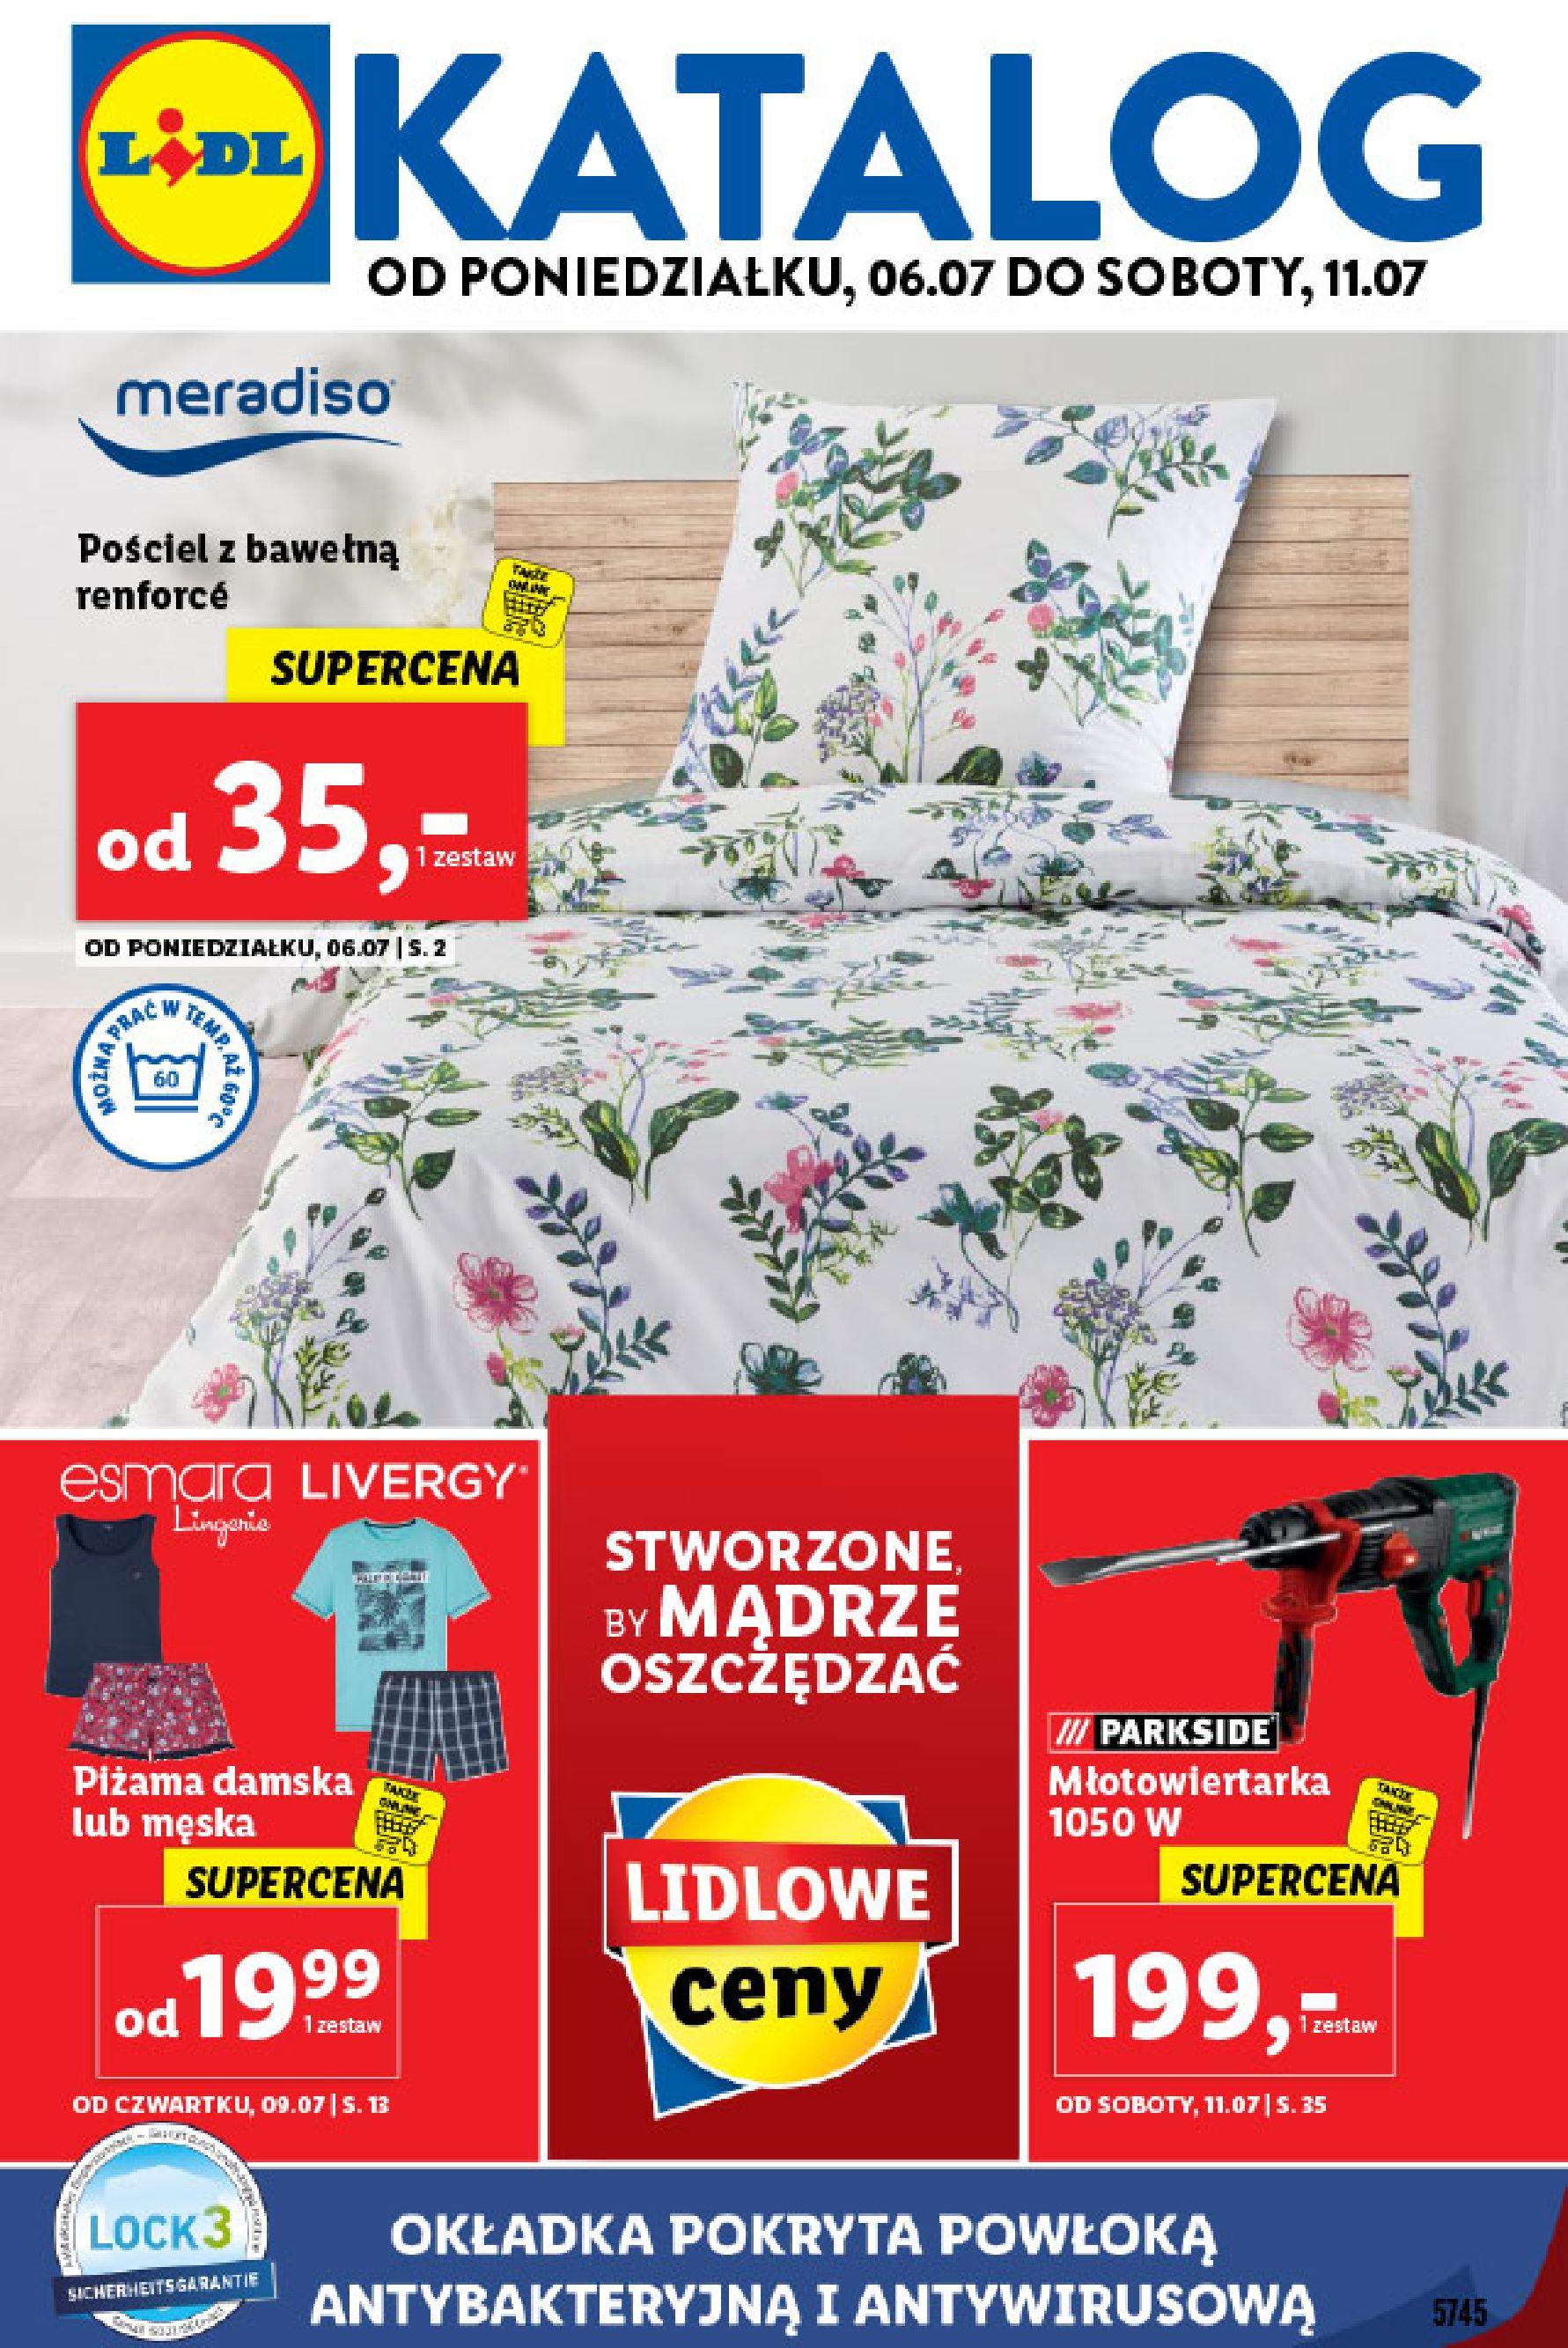 Gazetka Lidl - Katalog od poniedziałku 06.07-05.07.2020-11.07.2020-page-1